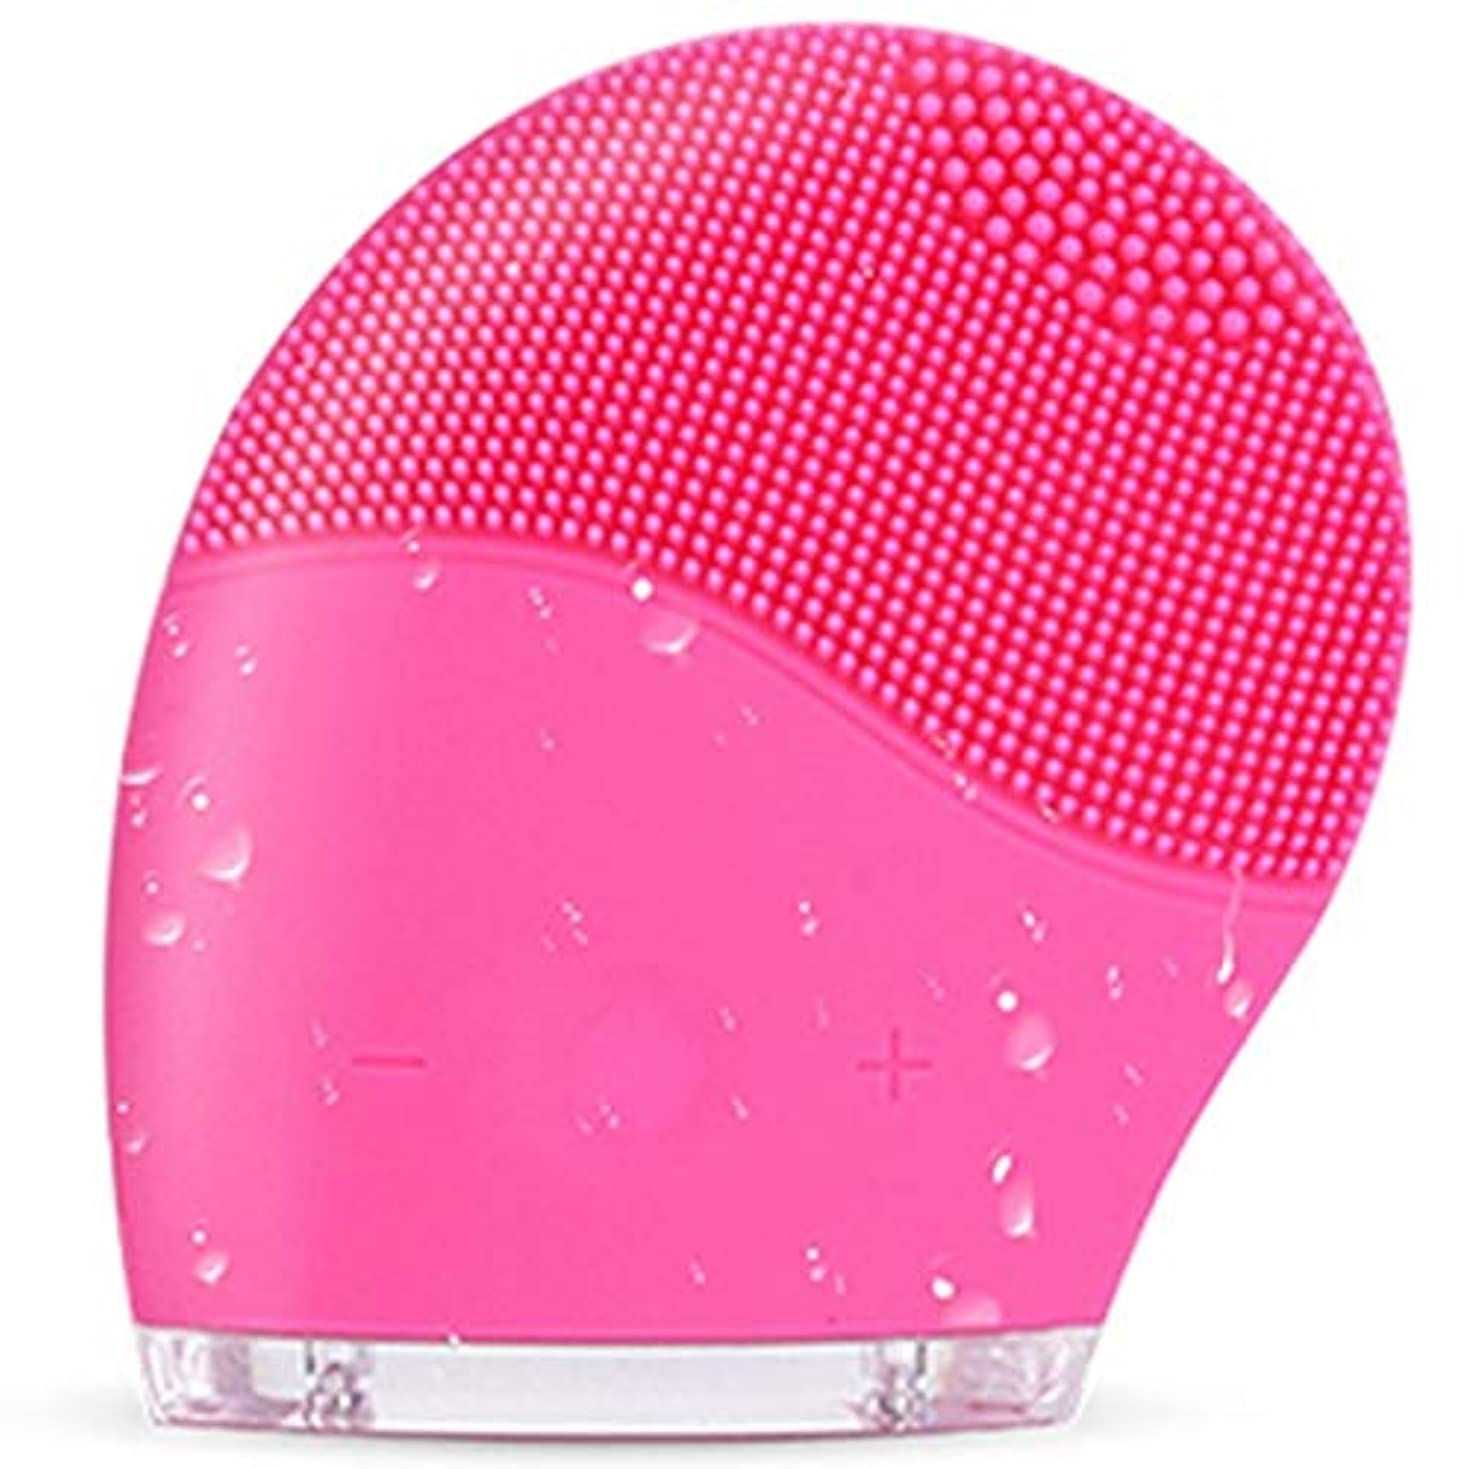 合体ボーナス招待すべての肌タイプのディープクレンジング、スクラブ、およびにきびを減らすためのシリコンフェイスクレンジングブラシ、防水アンチエイジング超音波フェイシャルブラシ、ディープエクスフォリエーターメイクアップツール (Color : Red)